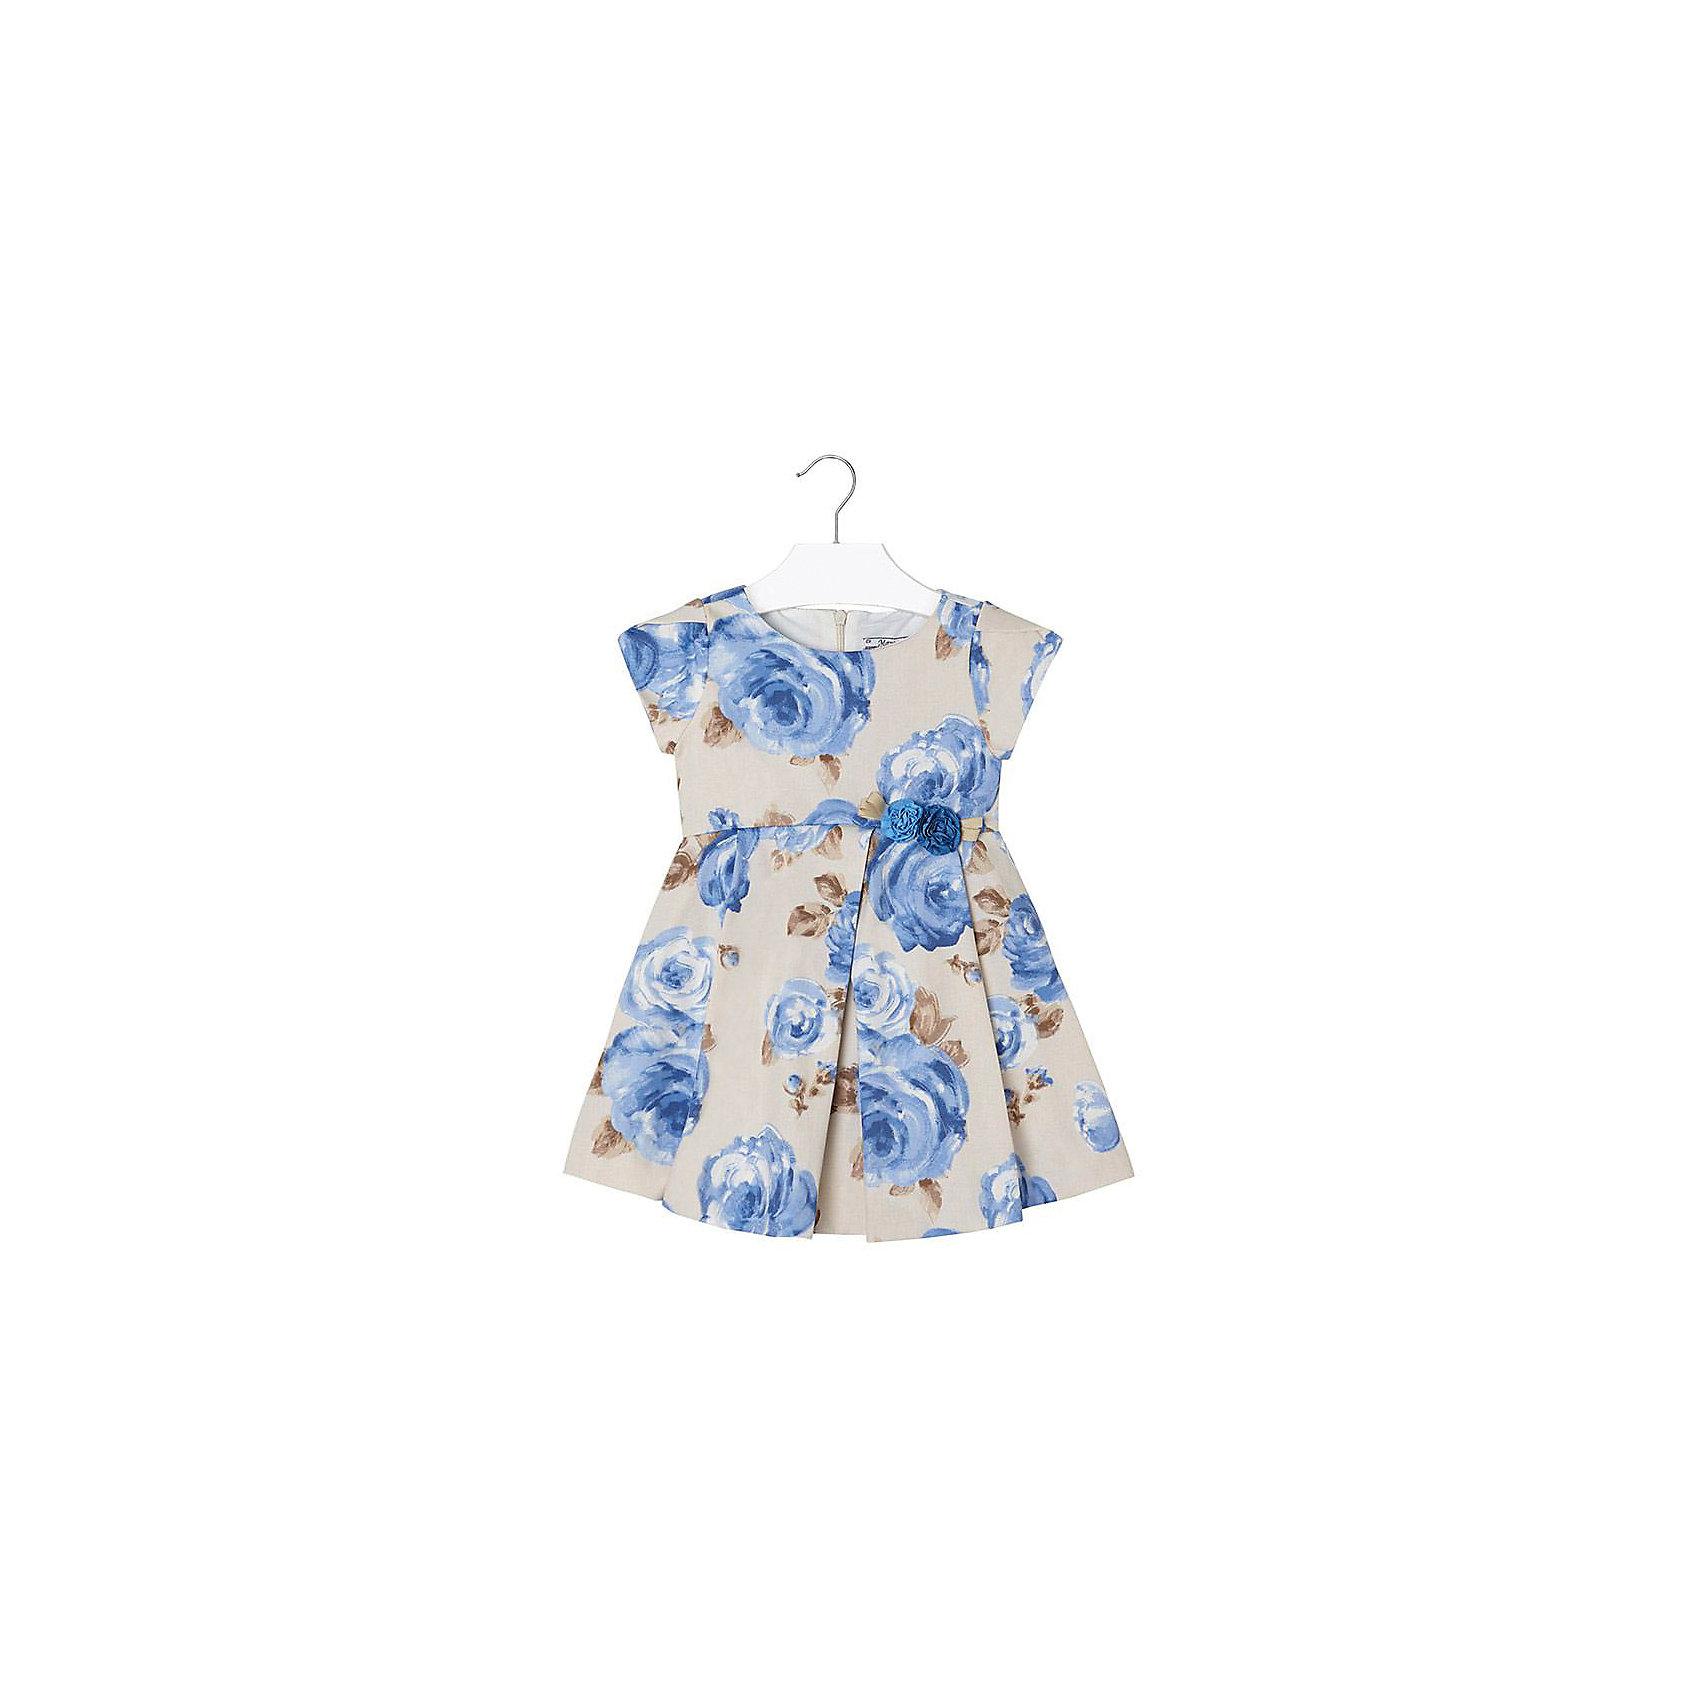 Платье для девочки MayoralПлатье для девочки от известной испанской марки Mayoral <br><br>Очень красивое платье от Mayoral отлично смотрится на любой маленькой принцессе! Выглядит нарядно и оригинально. Модель выполнена из качественных материалов, отлично сидит по фигуре.<br><br>Особенности модели:<br><br>- цвет: голубой, белый;<br>- цветочный принт;<br>- сзади молния.<br><br>Дополнительная информация:<br><br>Состав: 96% хлопок, 4% эластан<br><br>Платье для девочки Mayoral (Майорал) можно купить в нашем магазине.<br><br>Ширина мм: 236<br>Глубина мм: 16<br>Высота мм: 184<br>Вес г: 177<br>Цвет: голубой<br>Возраст от месяцев: 24<br>Возраст до месяцев: 36<br>Пол: Женский<br>Возраст: Детский<br>Размер: 98,116,92,110,134,122,104,128<br>SKU: 4543214